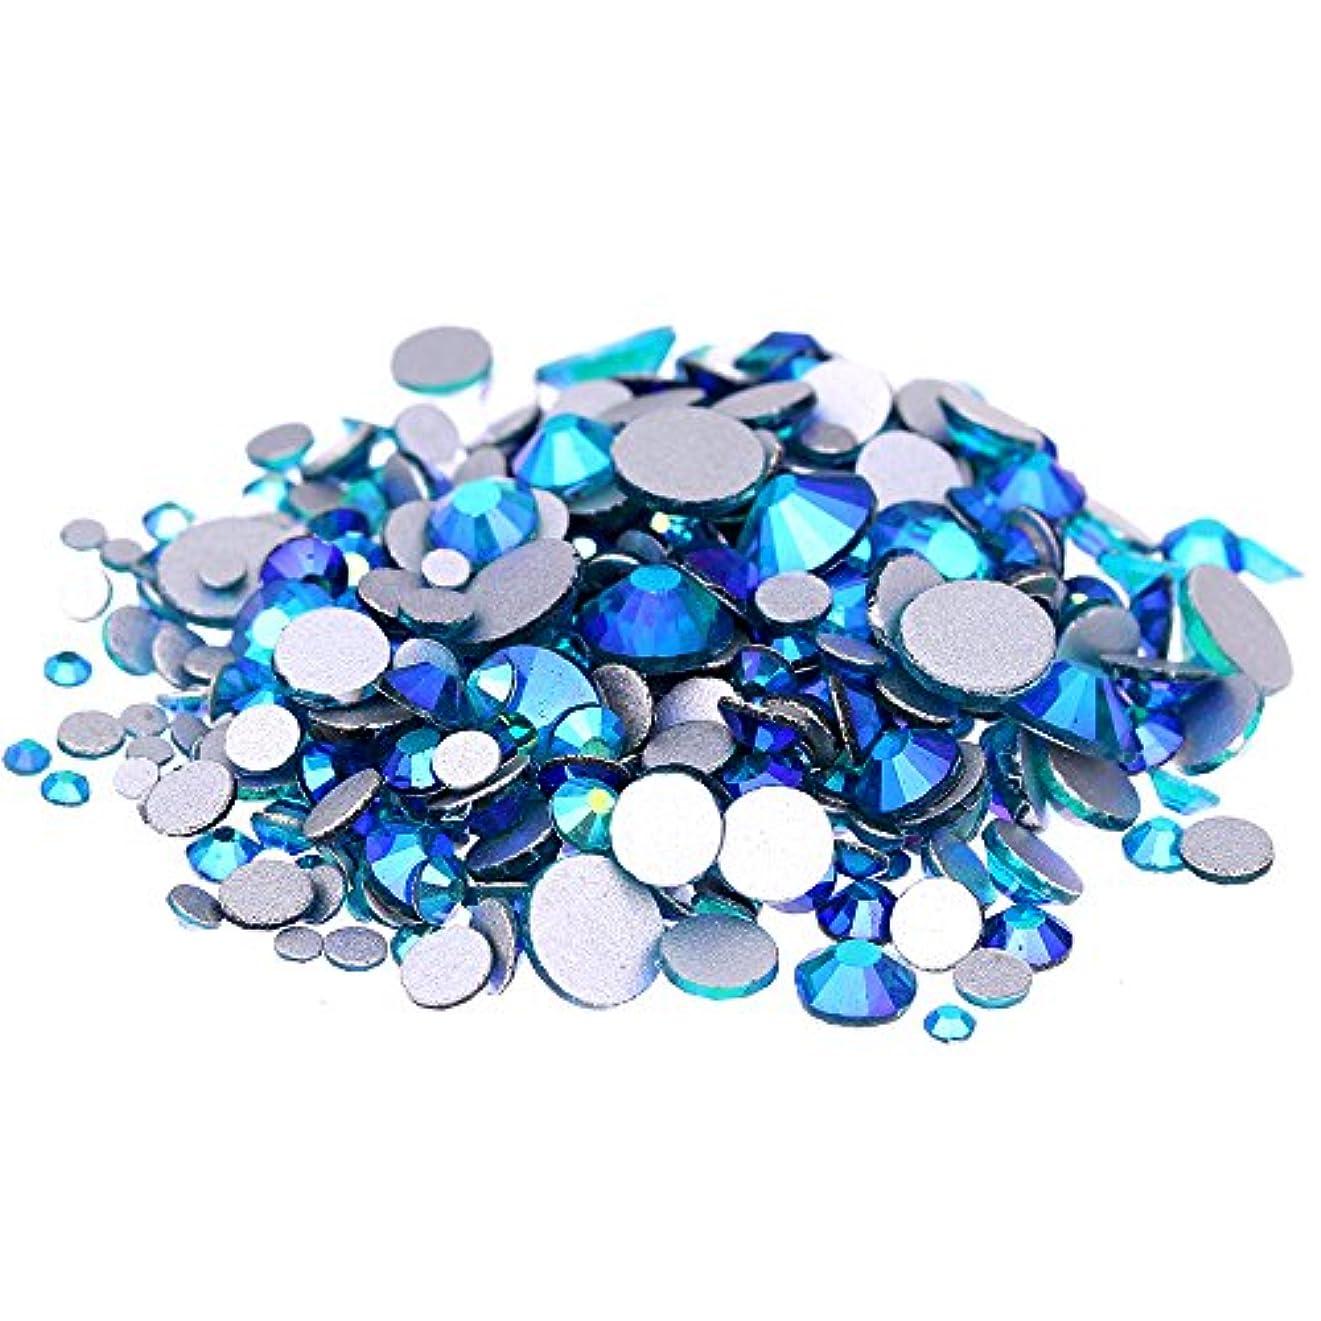 警官として雨Nizi ジュエリー ブランド ブルージルコンオーロラ ラインストーン は ガラスの材質 ネイル使用 型番ss3-ss30 (SS12 1440pcs)